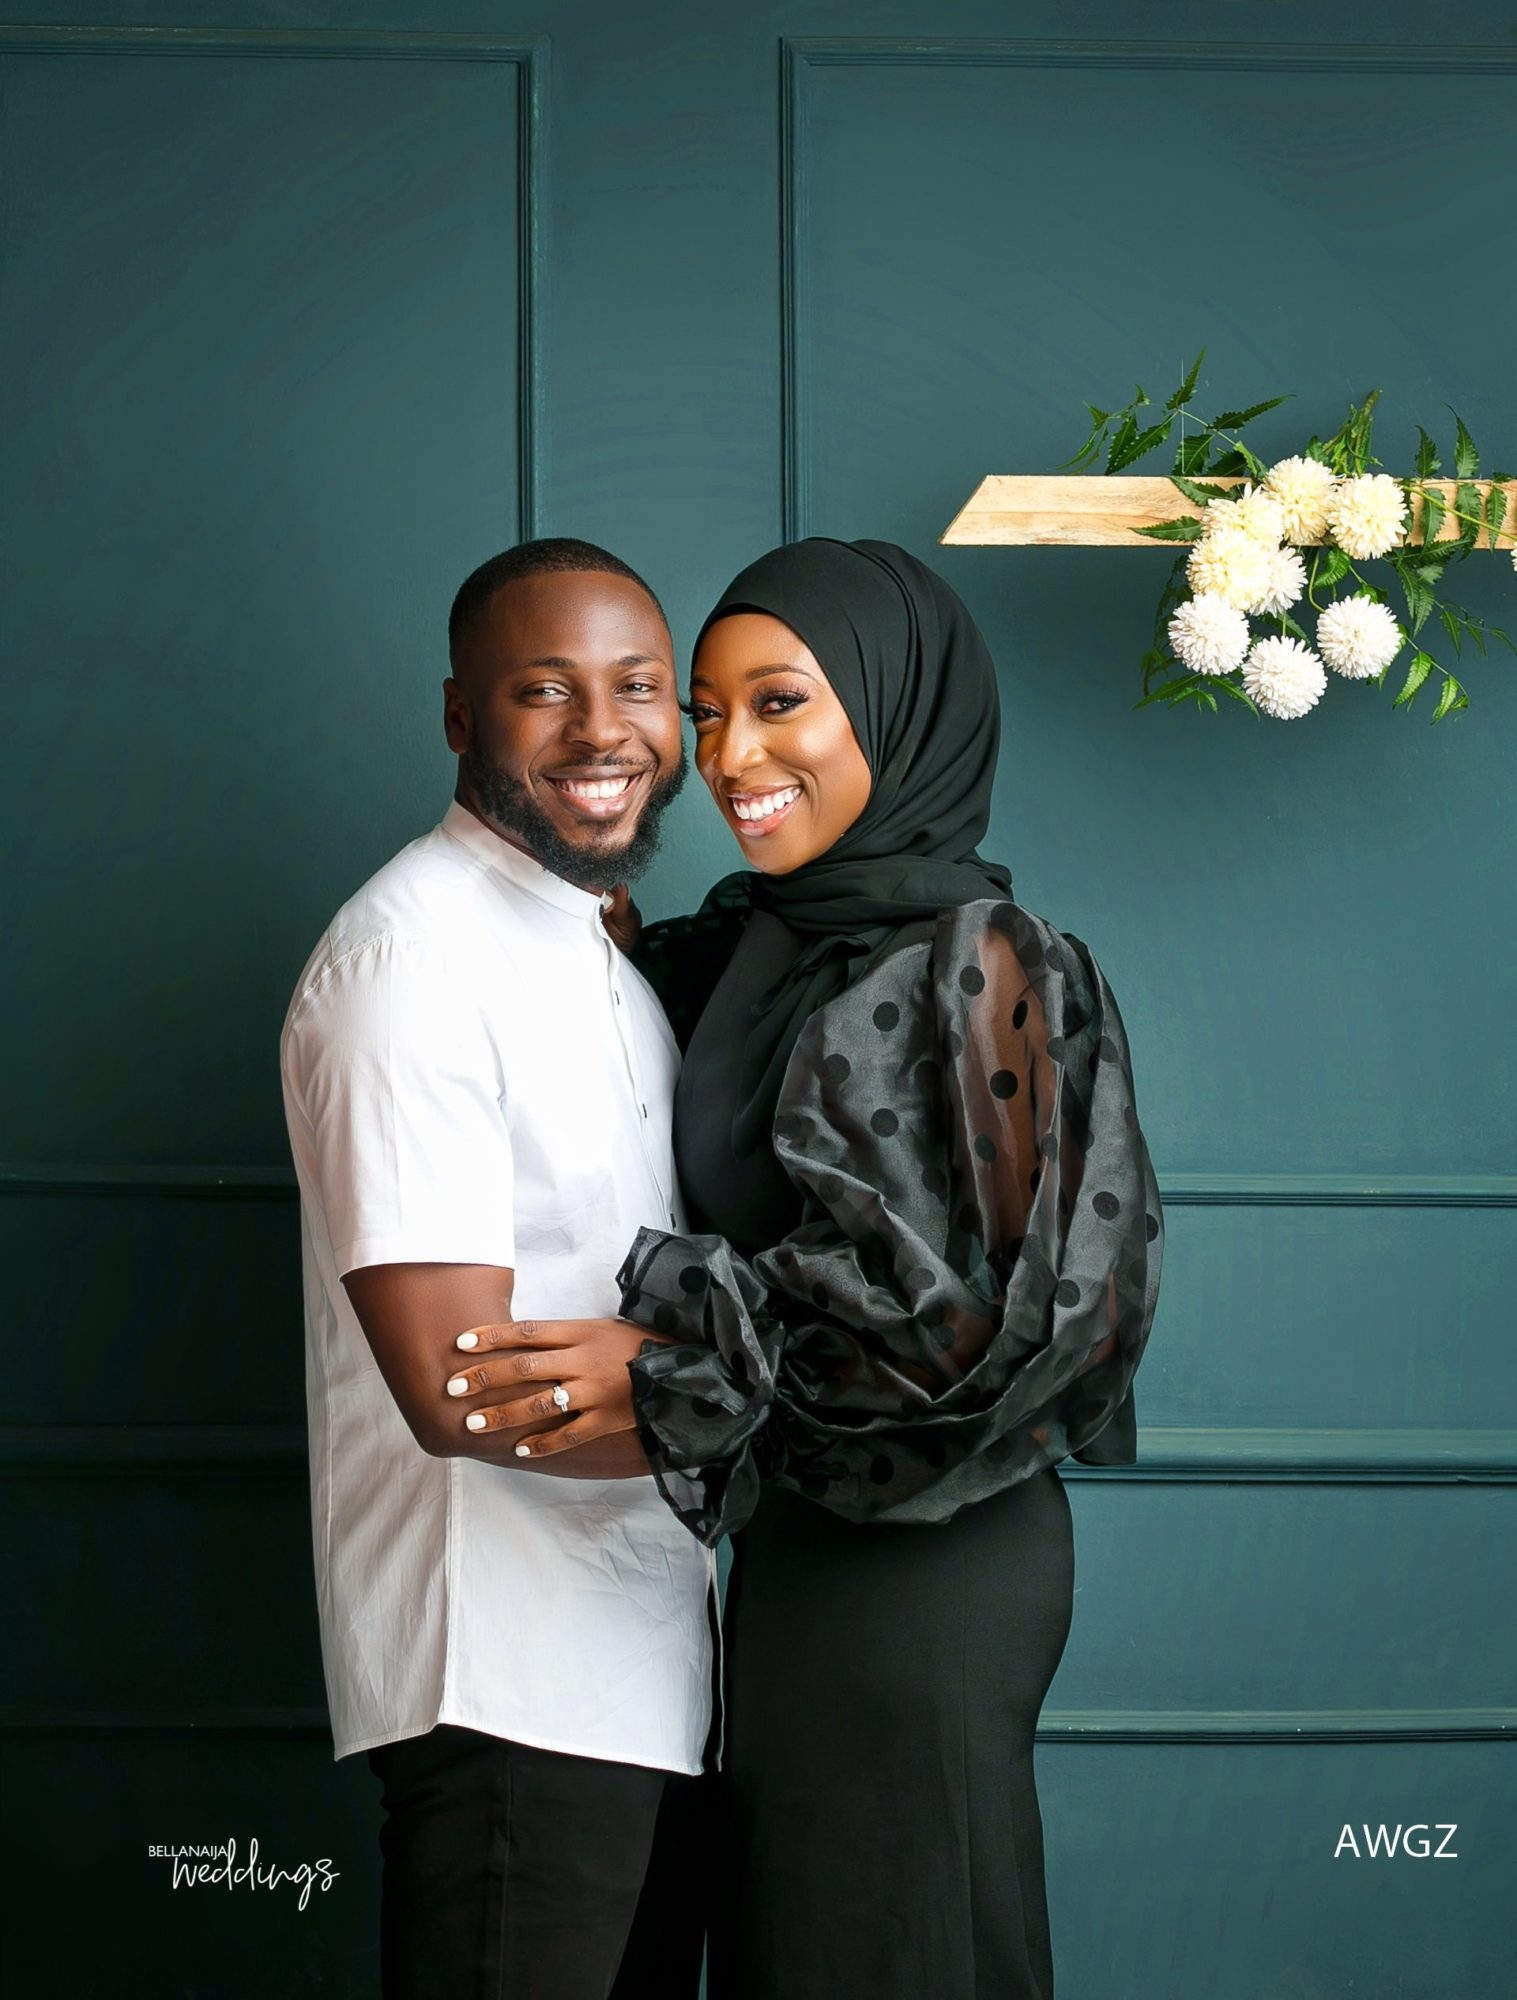 Barbz och Zainab dating